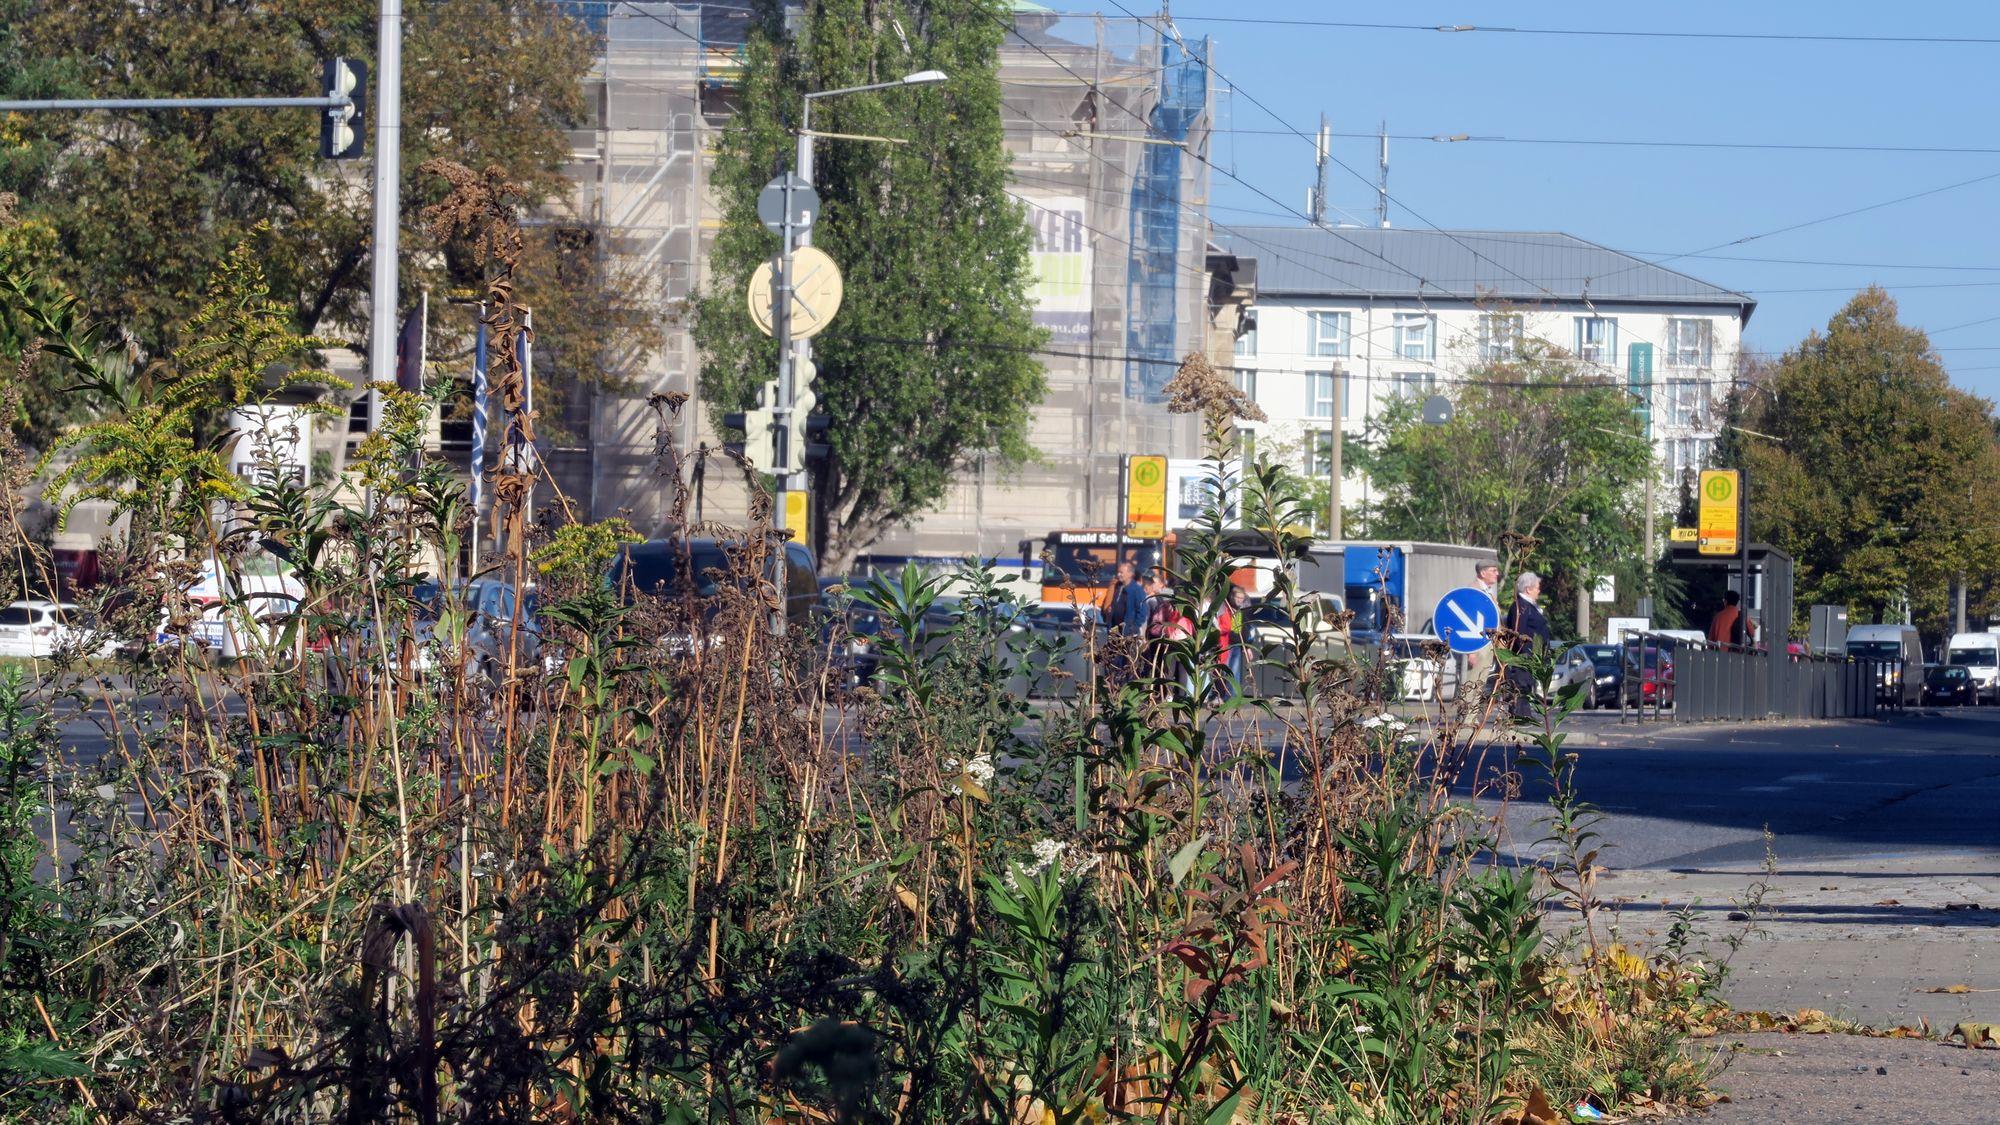 Baustart für den Kreuzungsumbau ist voraussichtlich 2023